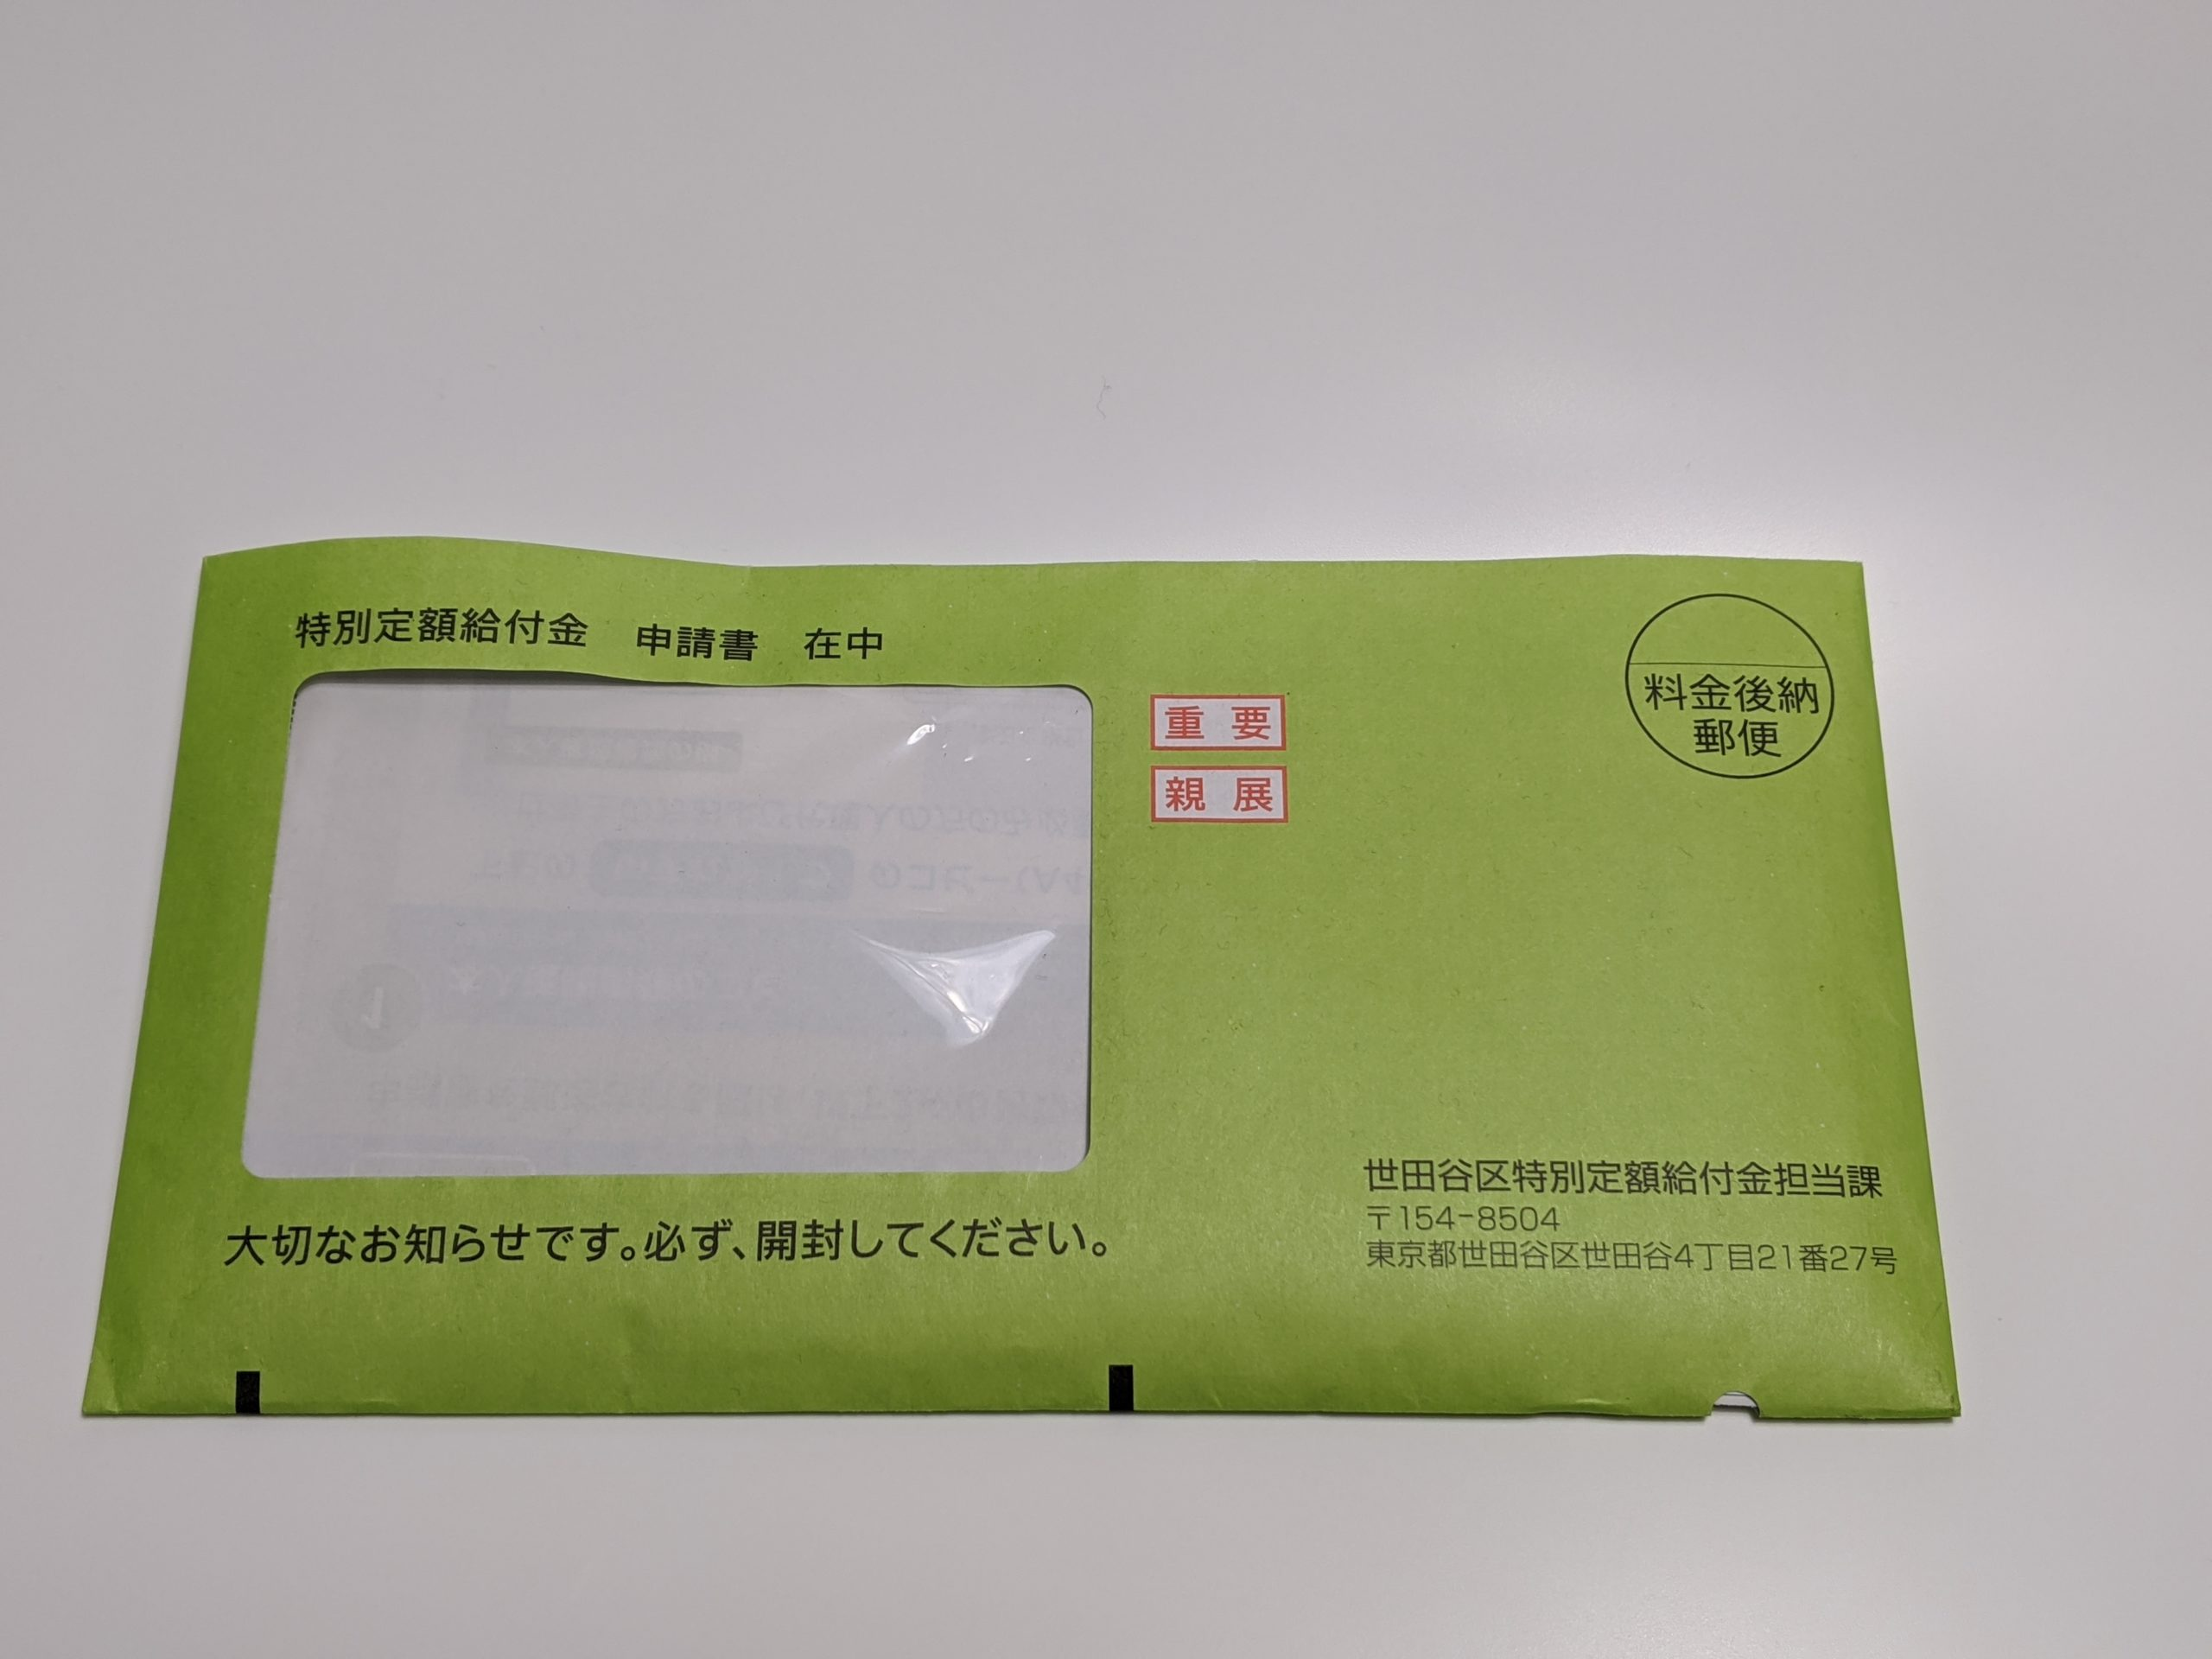 特別定額給付金10万円の申請書が届いたから開封するぞ!